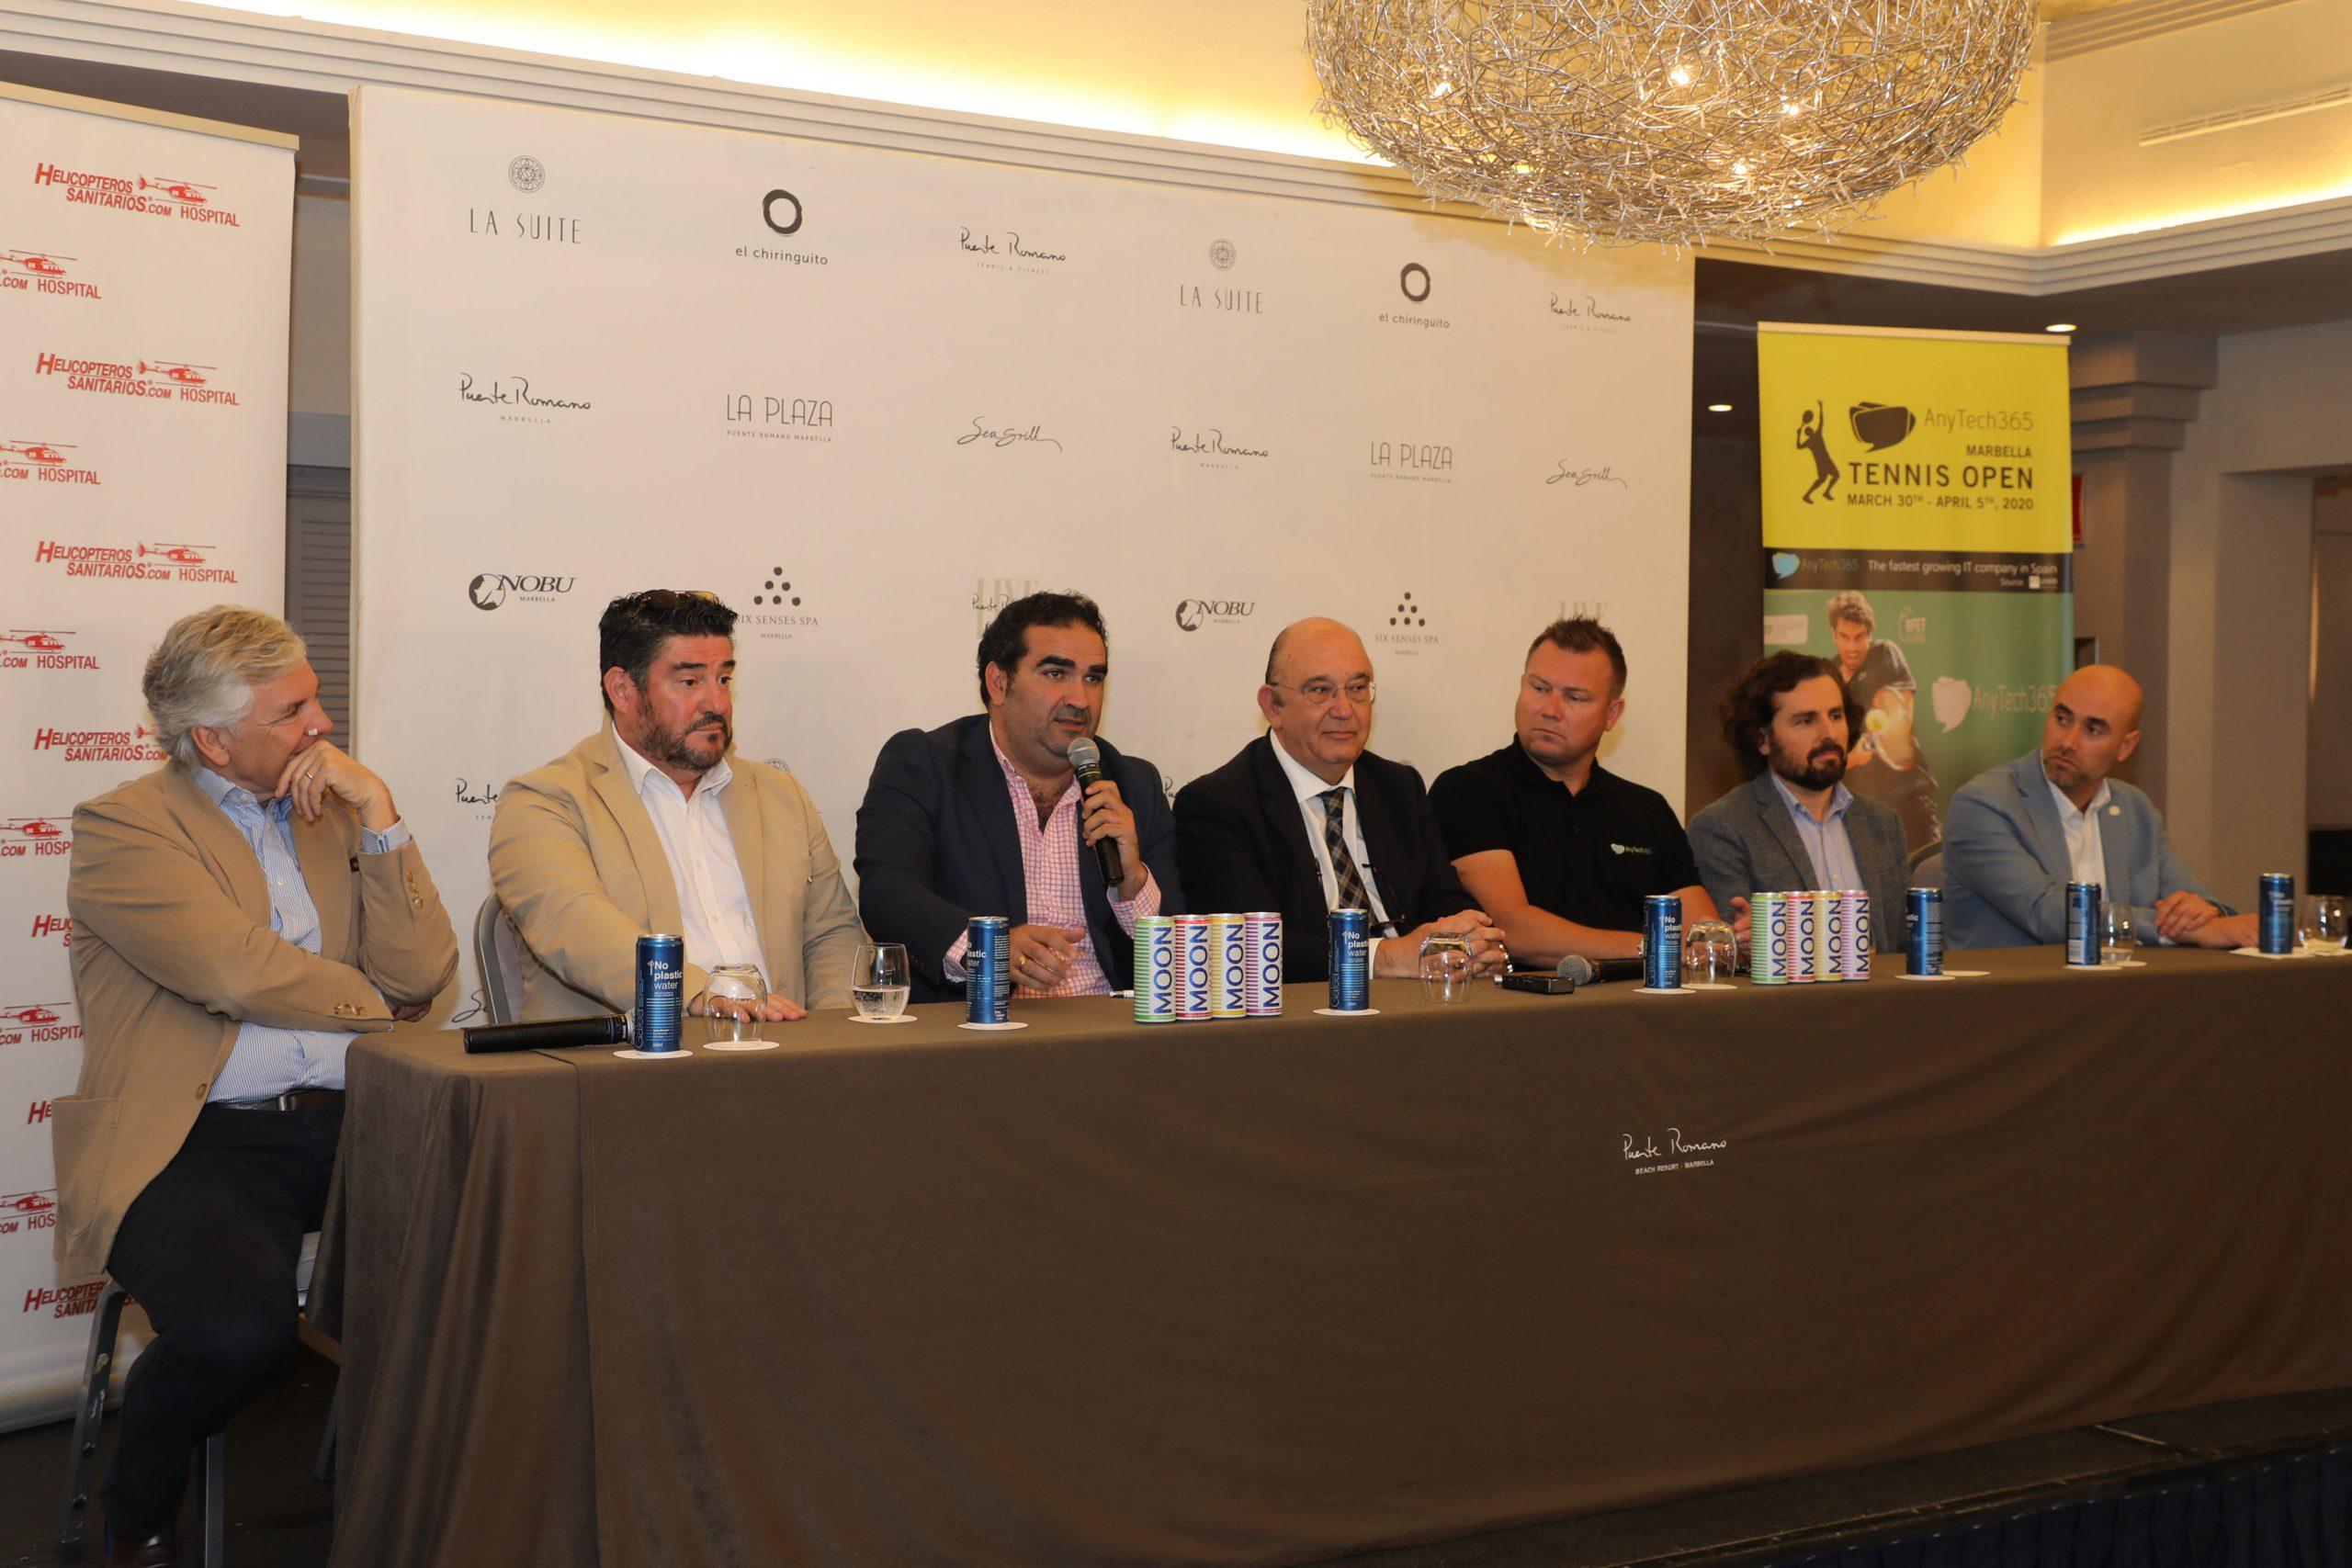 La ciudad albergará la tercera edición del Marbella Tennis Open ATP del 30 de marzo al 5 de abril